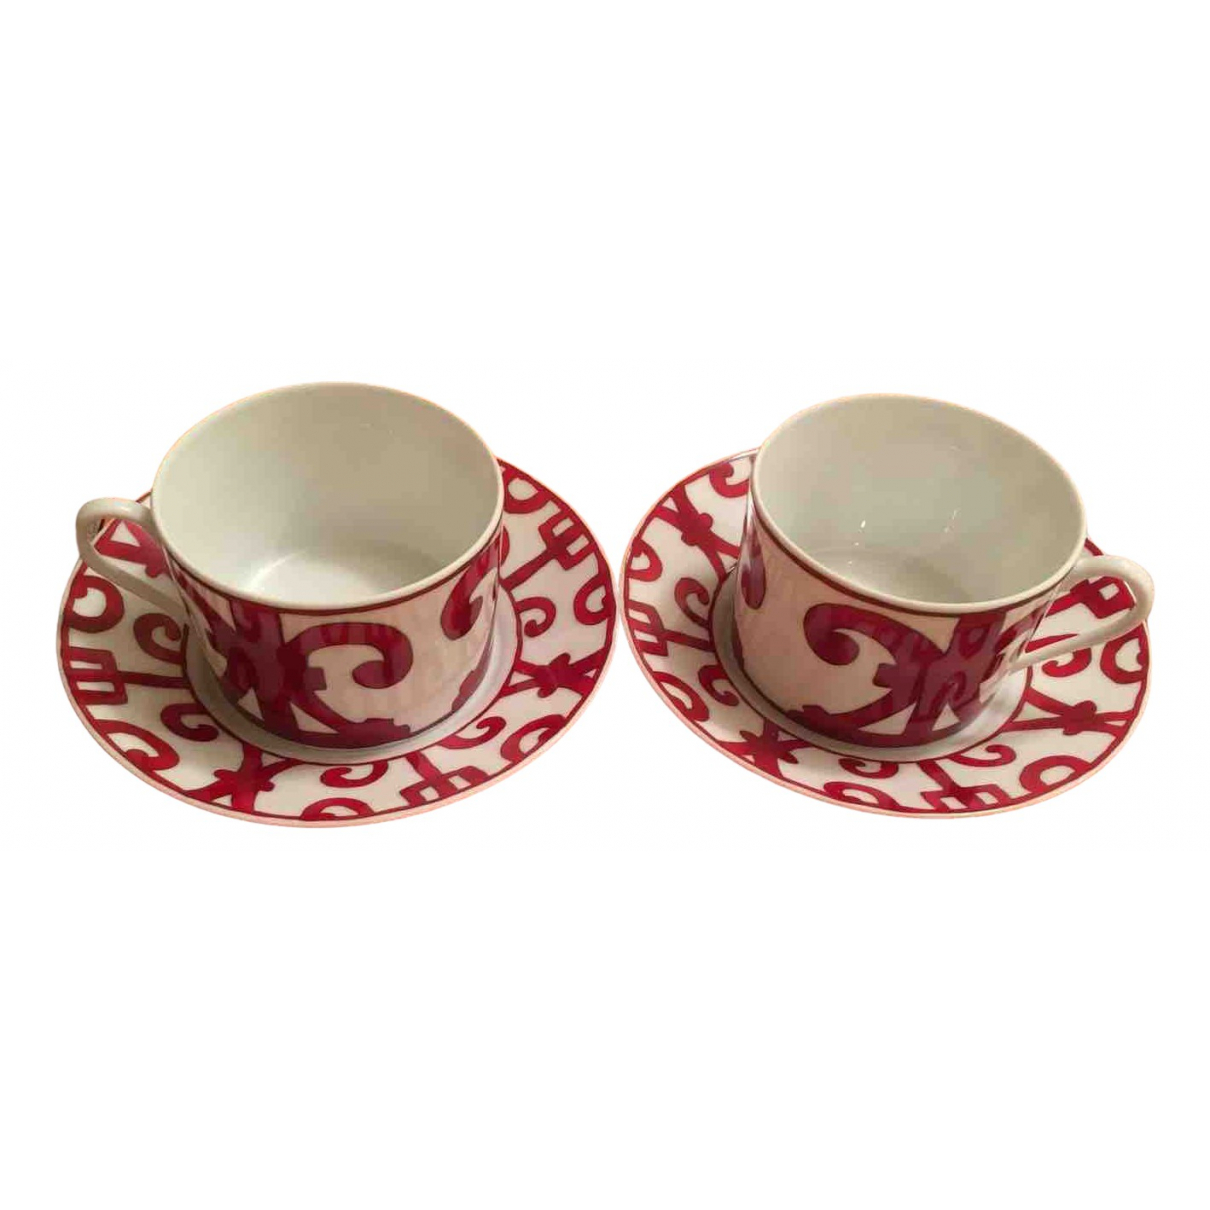 Juego de te/cafe Balcon du Guadalquivir de Porcelana Hermes